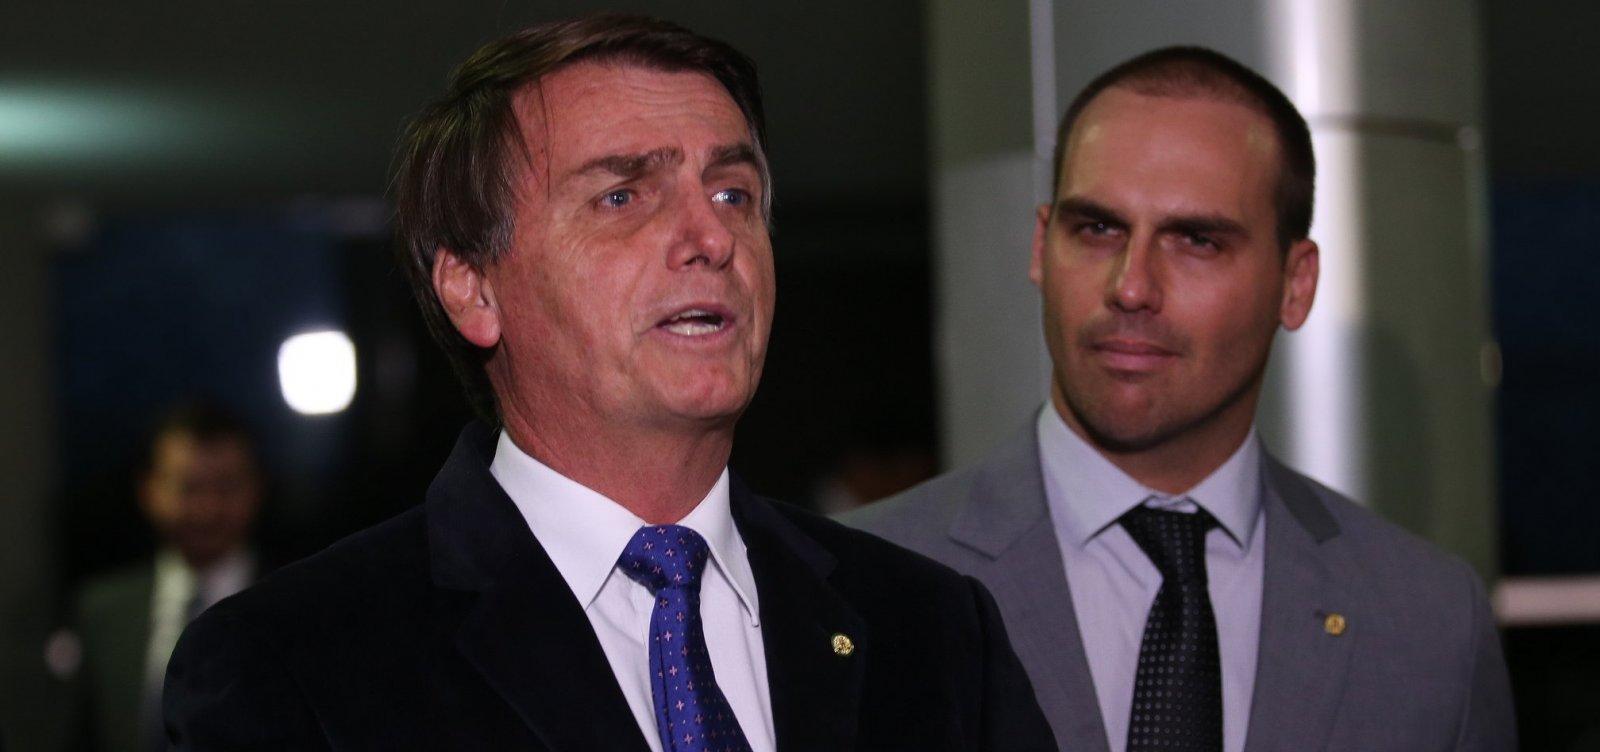 Bolsonaro critica questão do Enem sobre gays e promete exame com temas 'úteis'